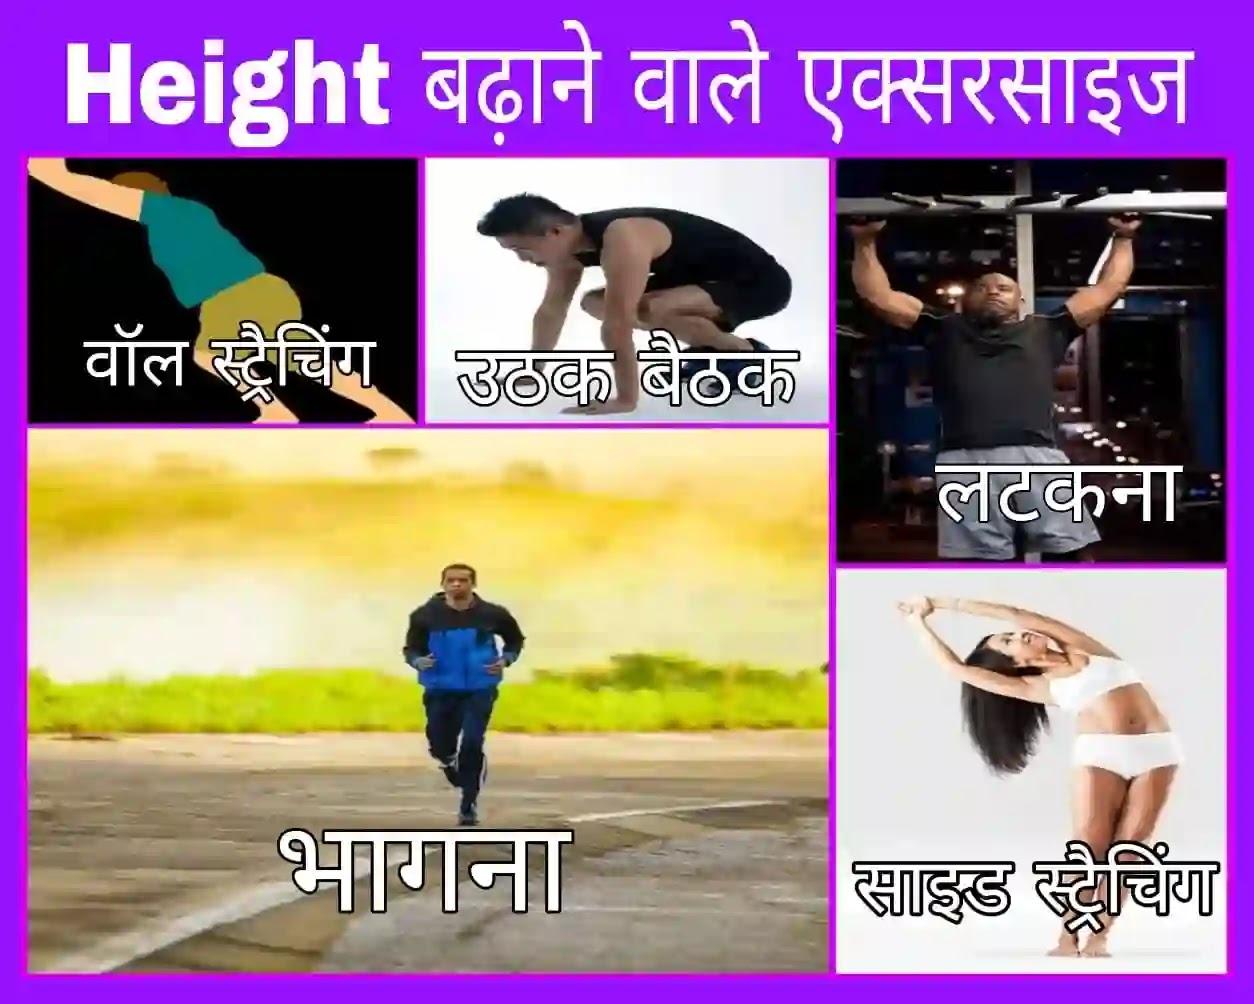 Height बढ़ाने के लिए एक्सरसाइज in hindi (exercises)